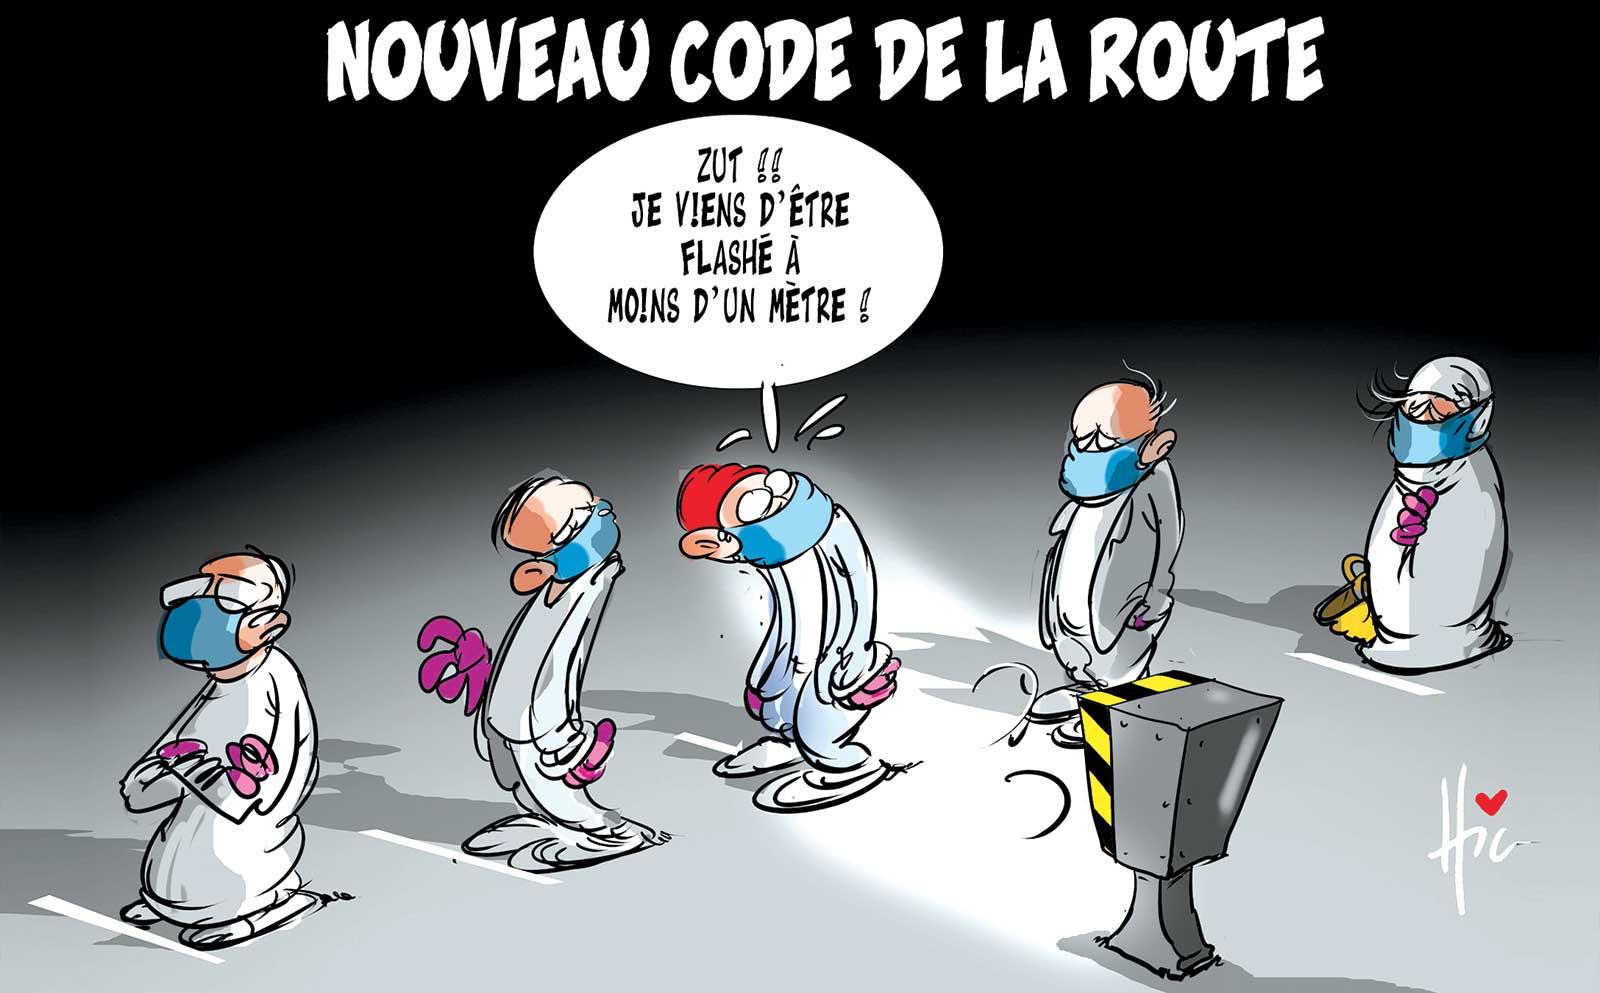 Nouveau code de la route - Dessins et Caricatures, Le Hic - El Watan - Gagdz.com